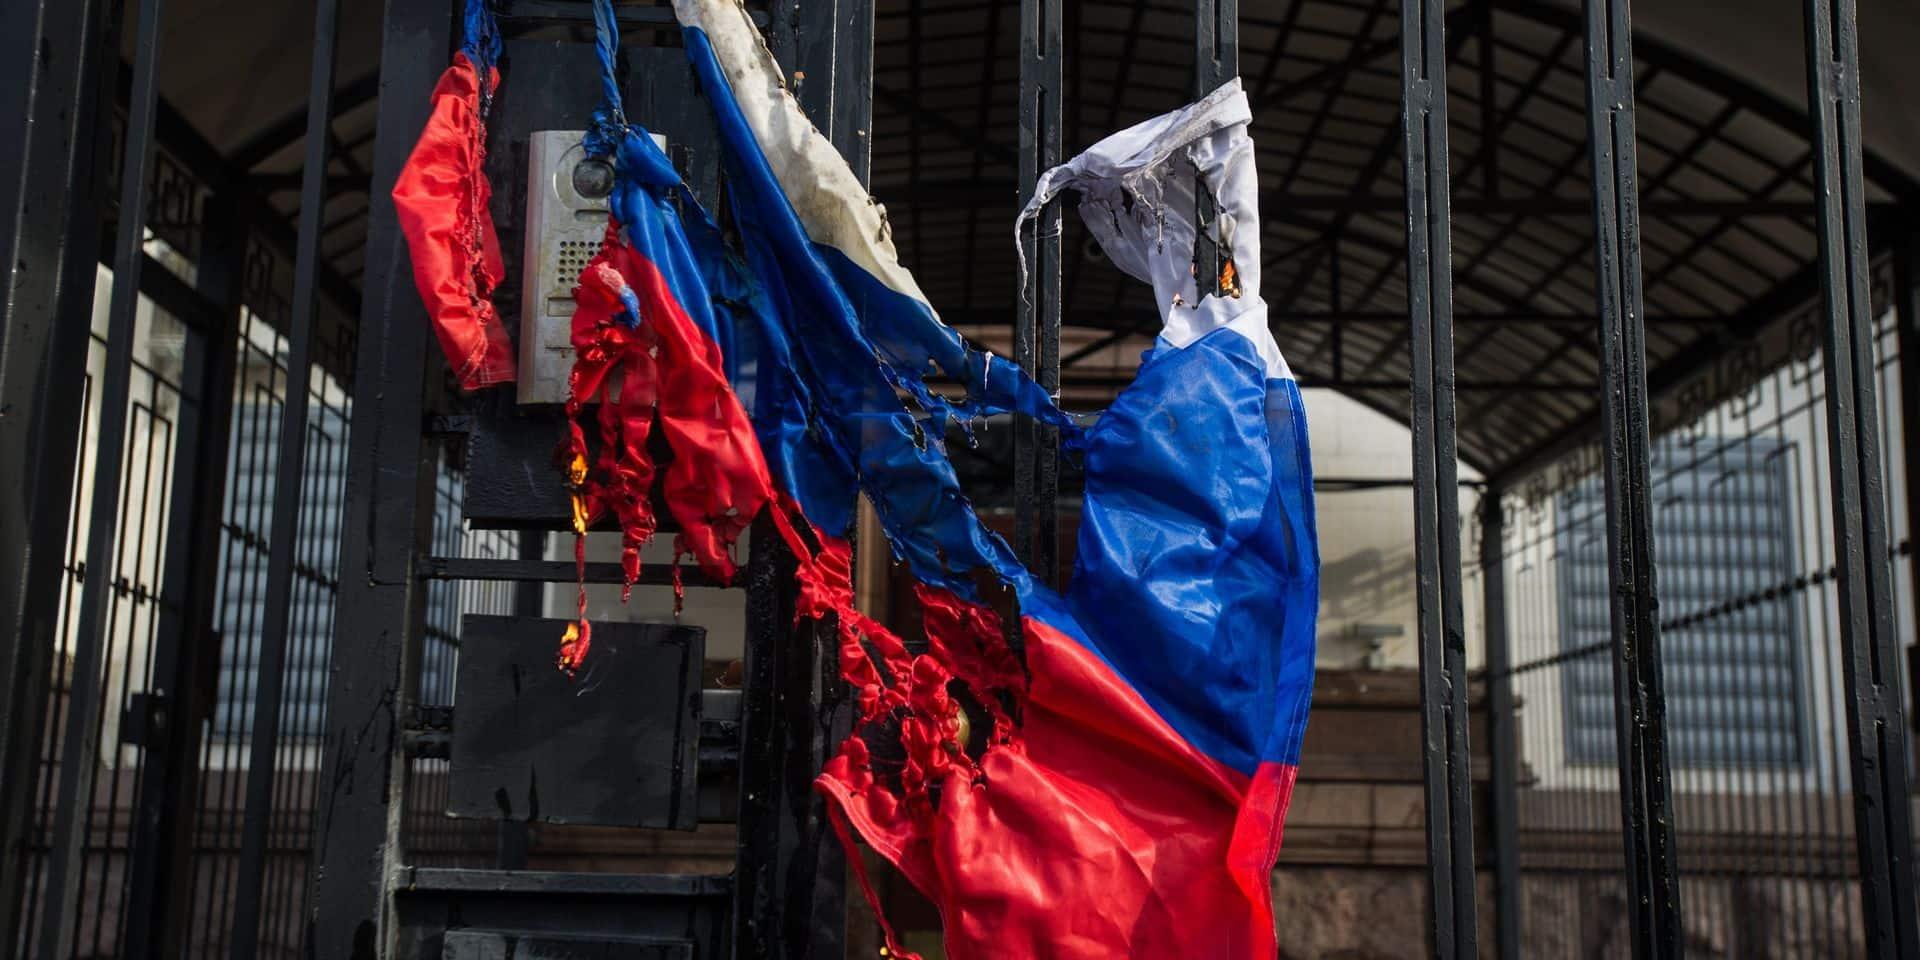 À Moscou, la police utilise des methodes originales pour couper les manifestations de l'opposition